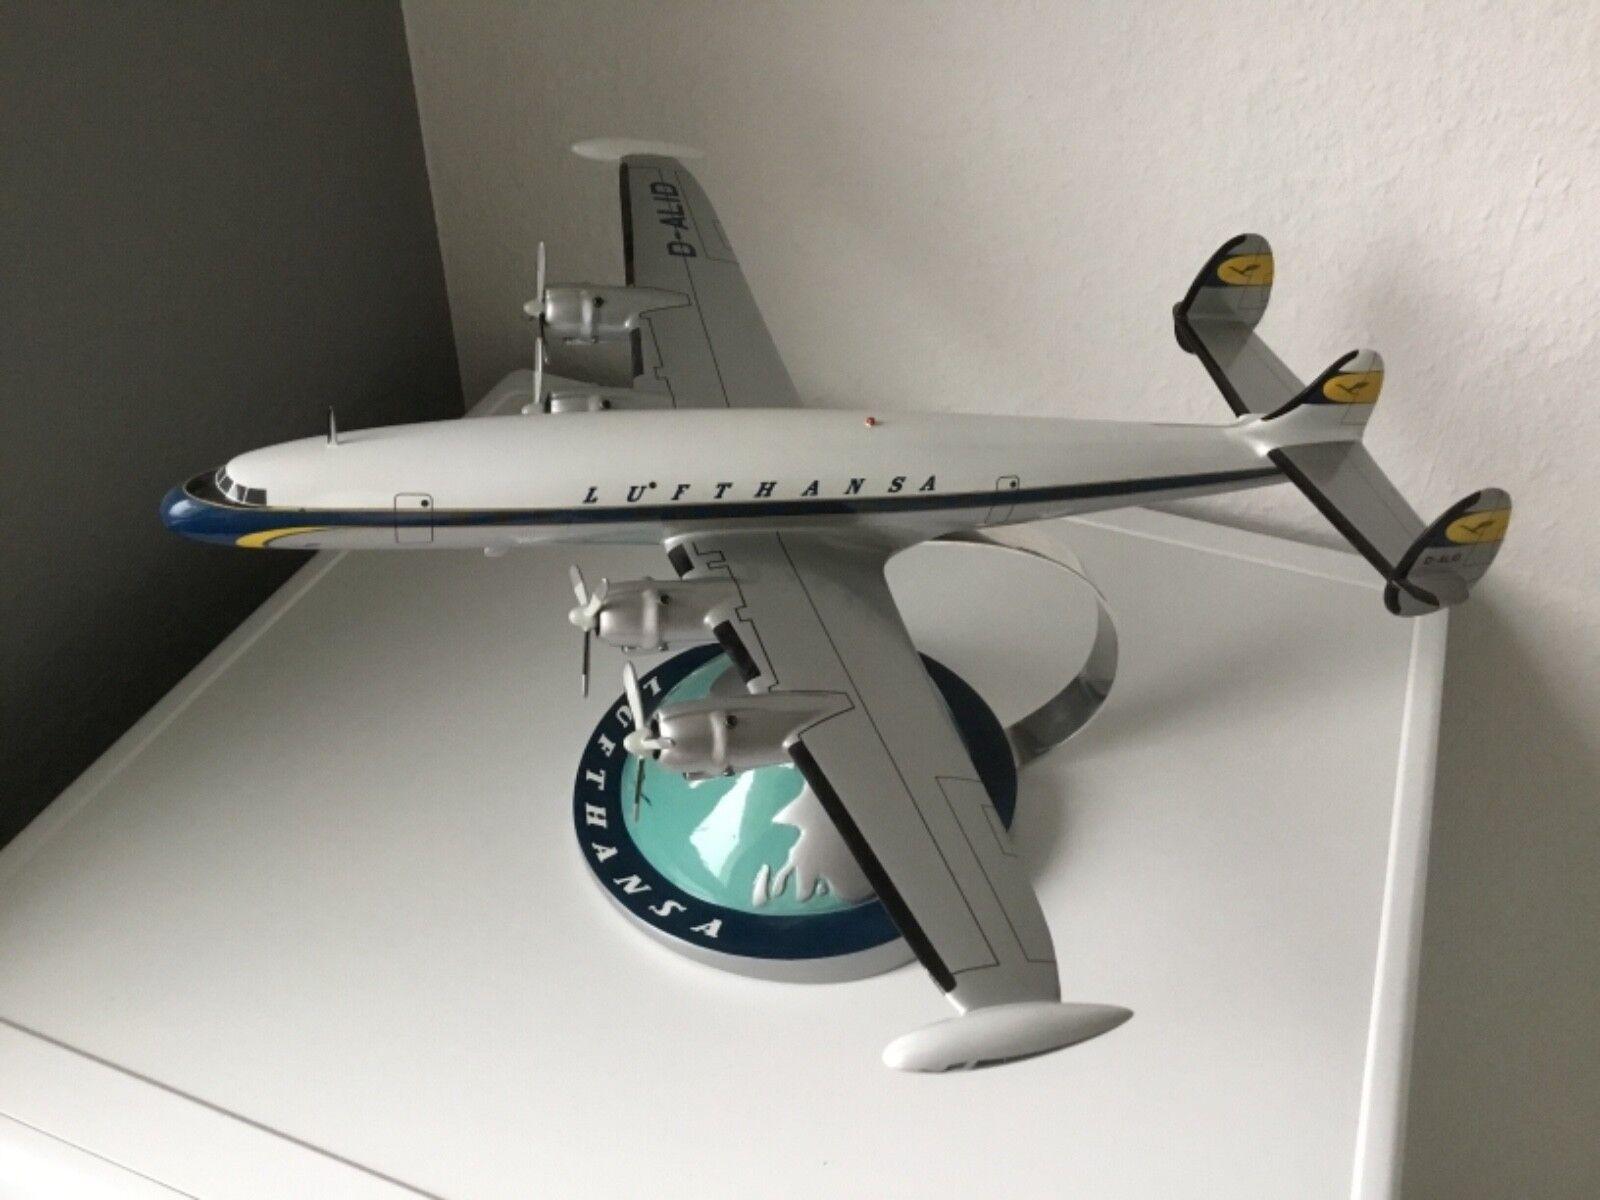 all'ingrosso economico e di alta qualità Aereo Lufthansa Super Constellation modellololo di aereo aereo aereo di Limox  ottima selezione e consegna rapida